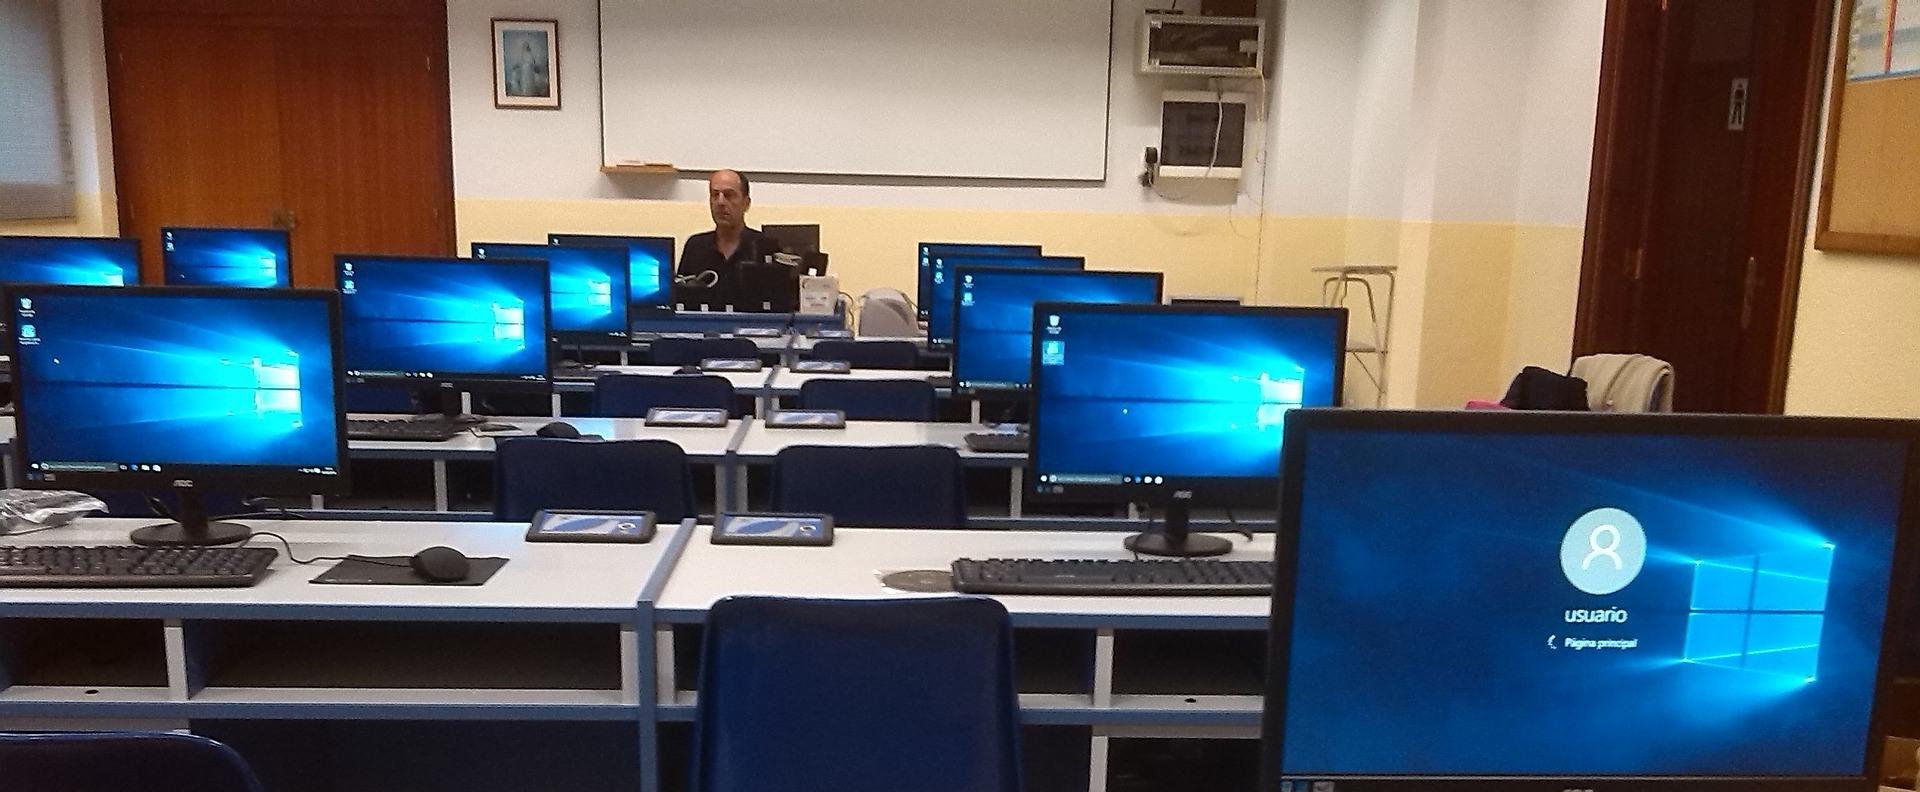 NetAcademia: ingyenessé válik mintegy 300 online informatikai tanfolyam tanároknak